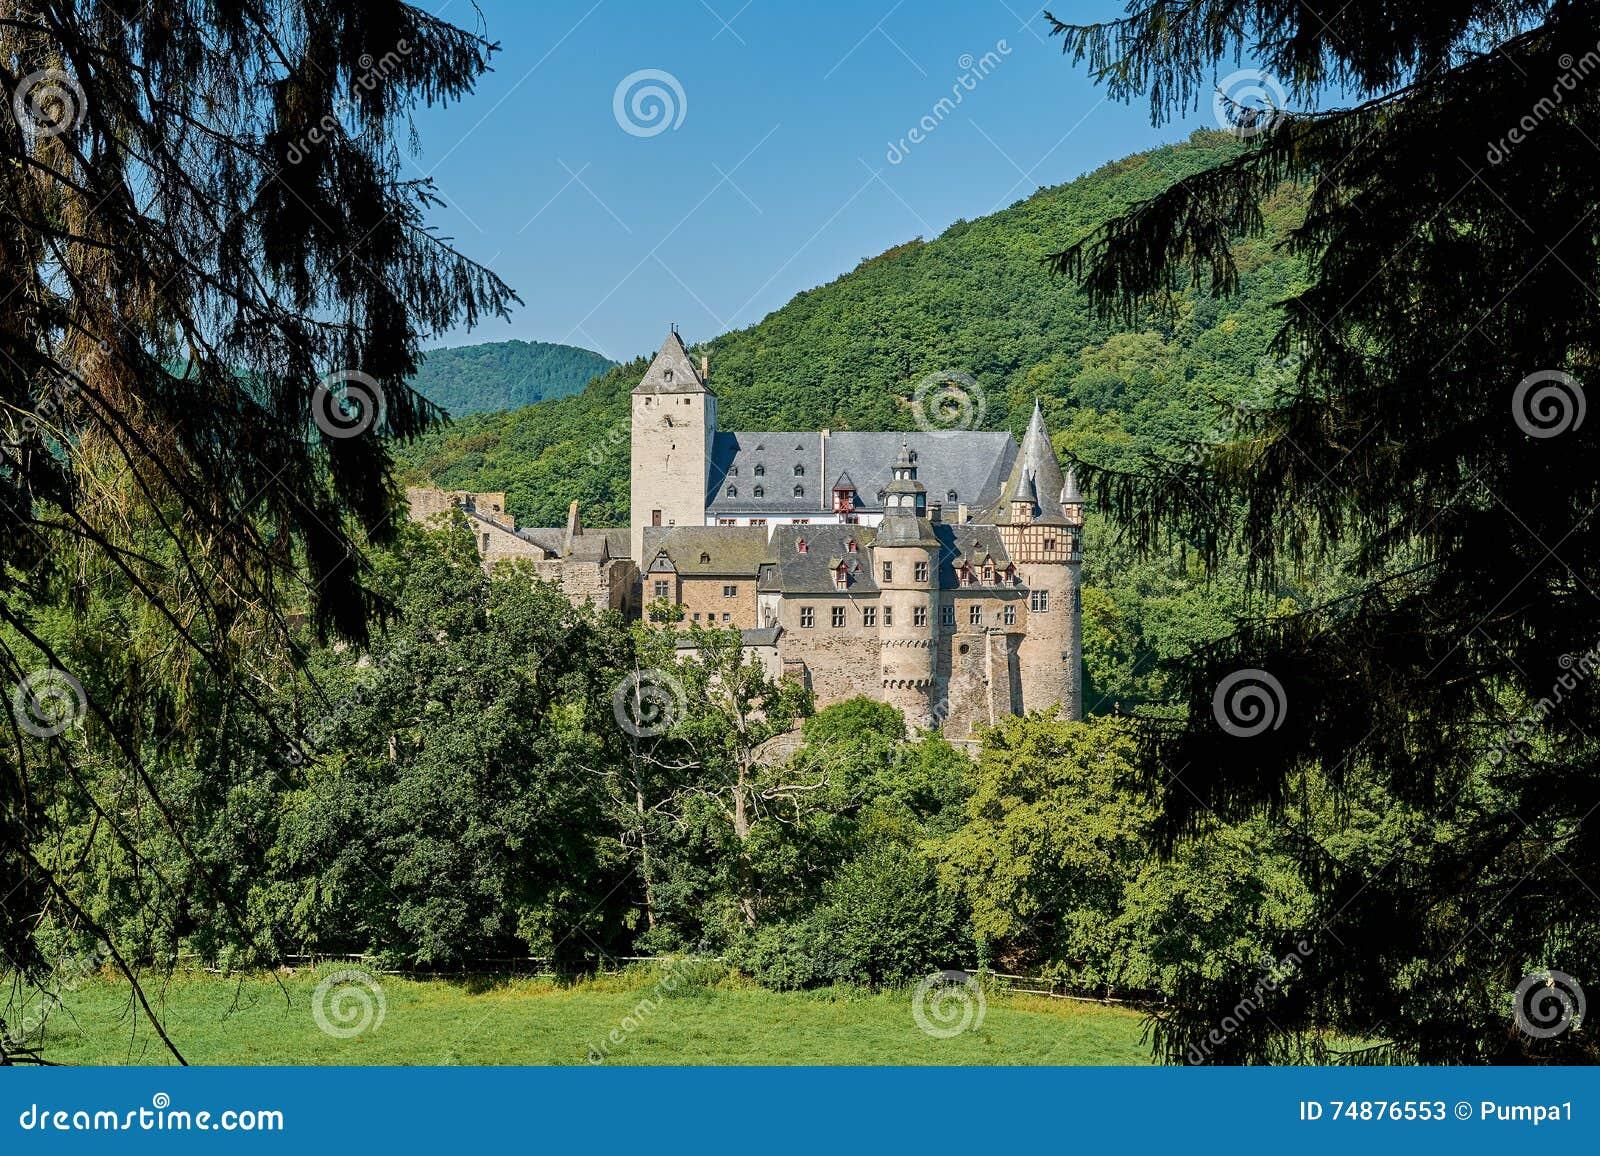 Castle Buerresheim